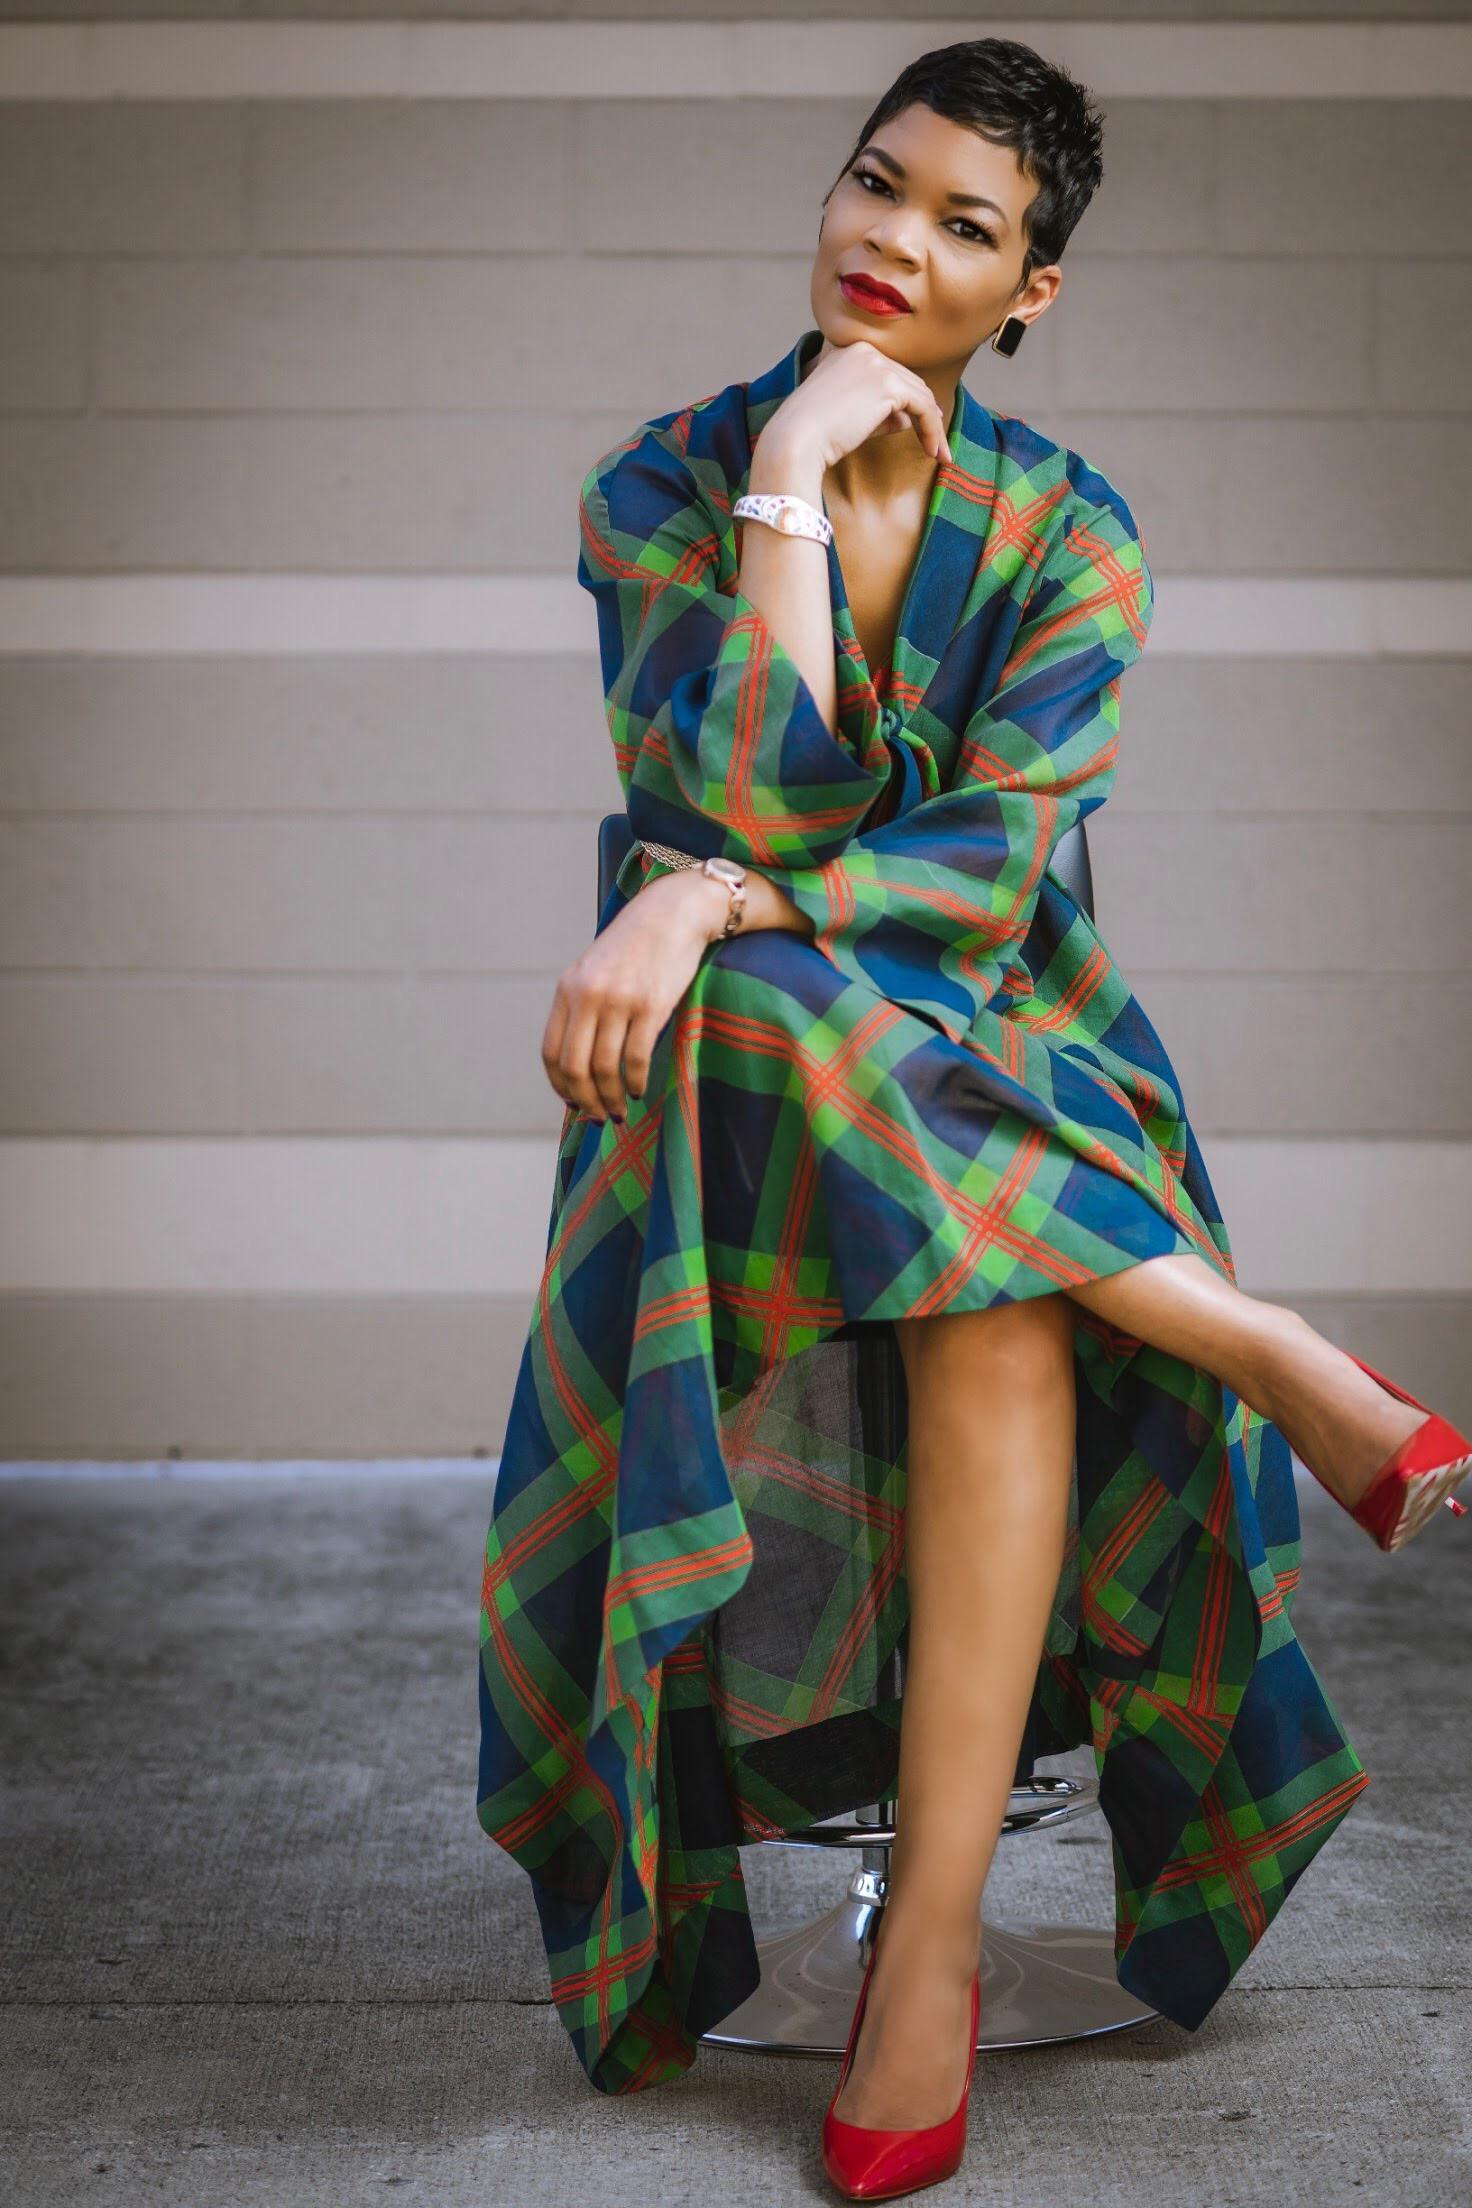 Credits:Photography Bluz Visuals. Dress Moon Bloem.